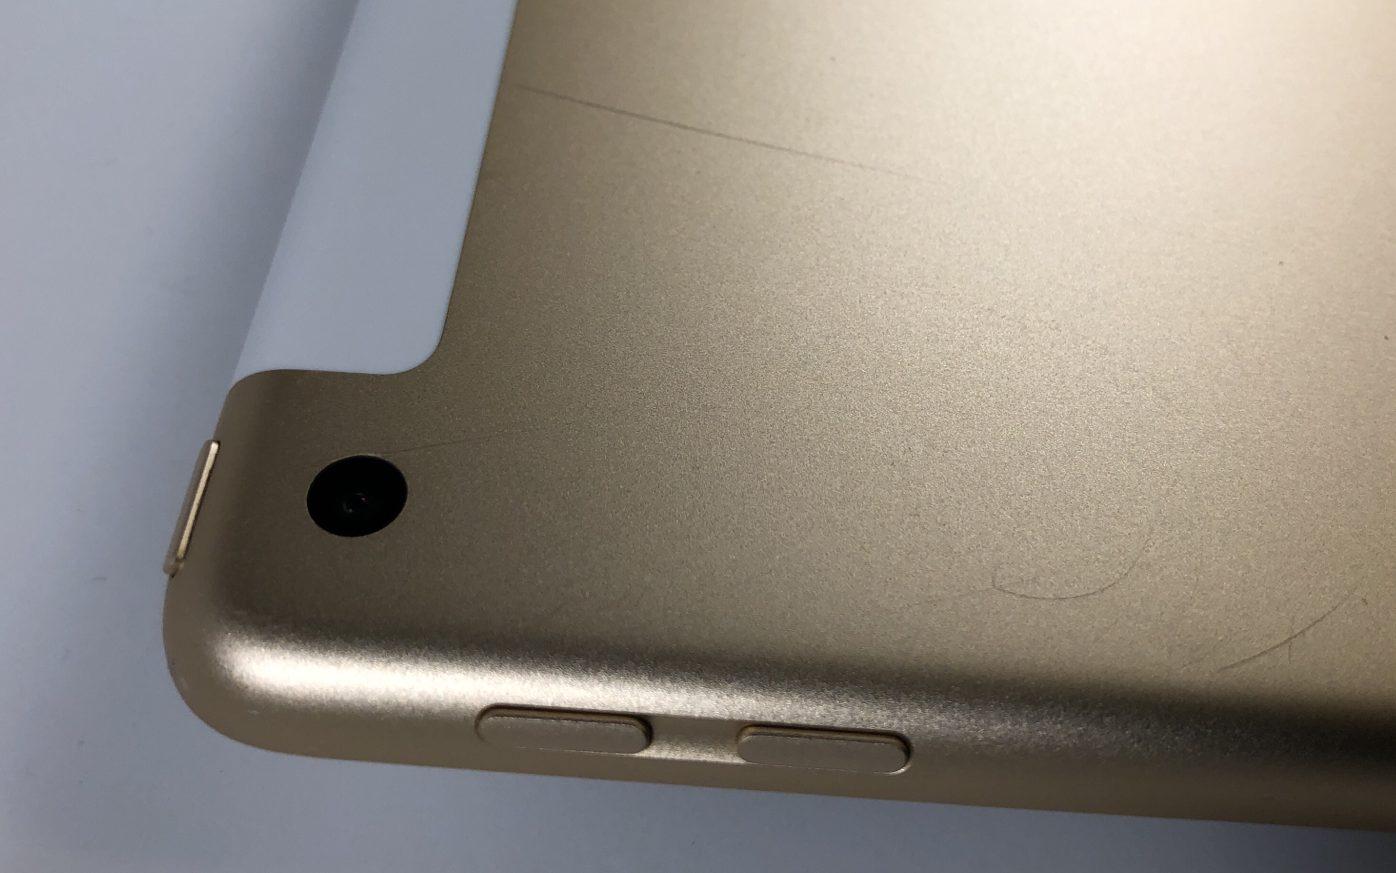 iPad 5 Wi-Fi + Cellular 128GB, 128GB, Gold, image 3